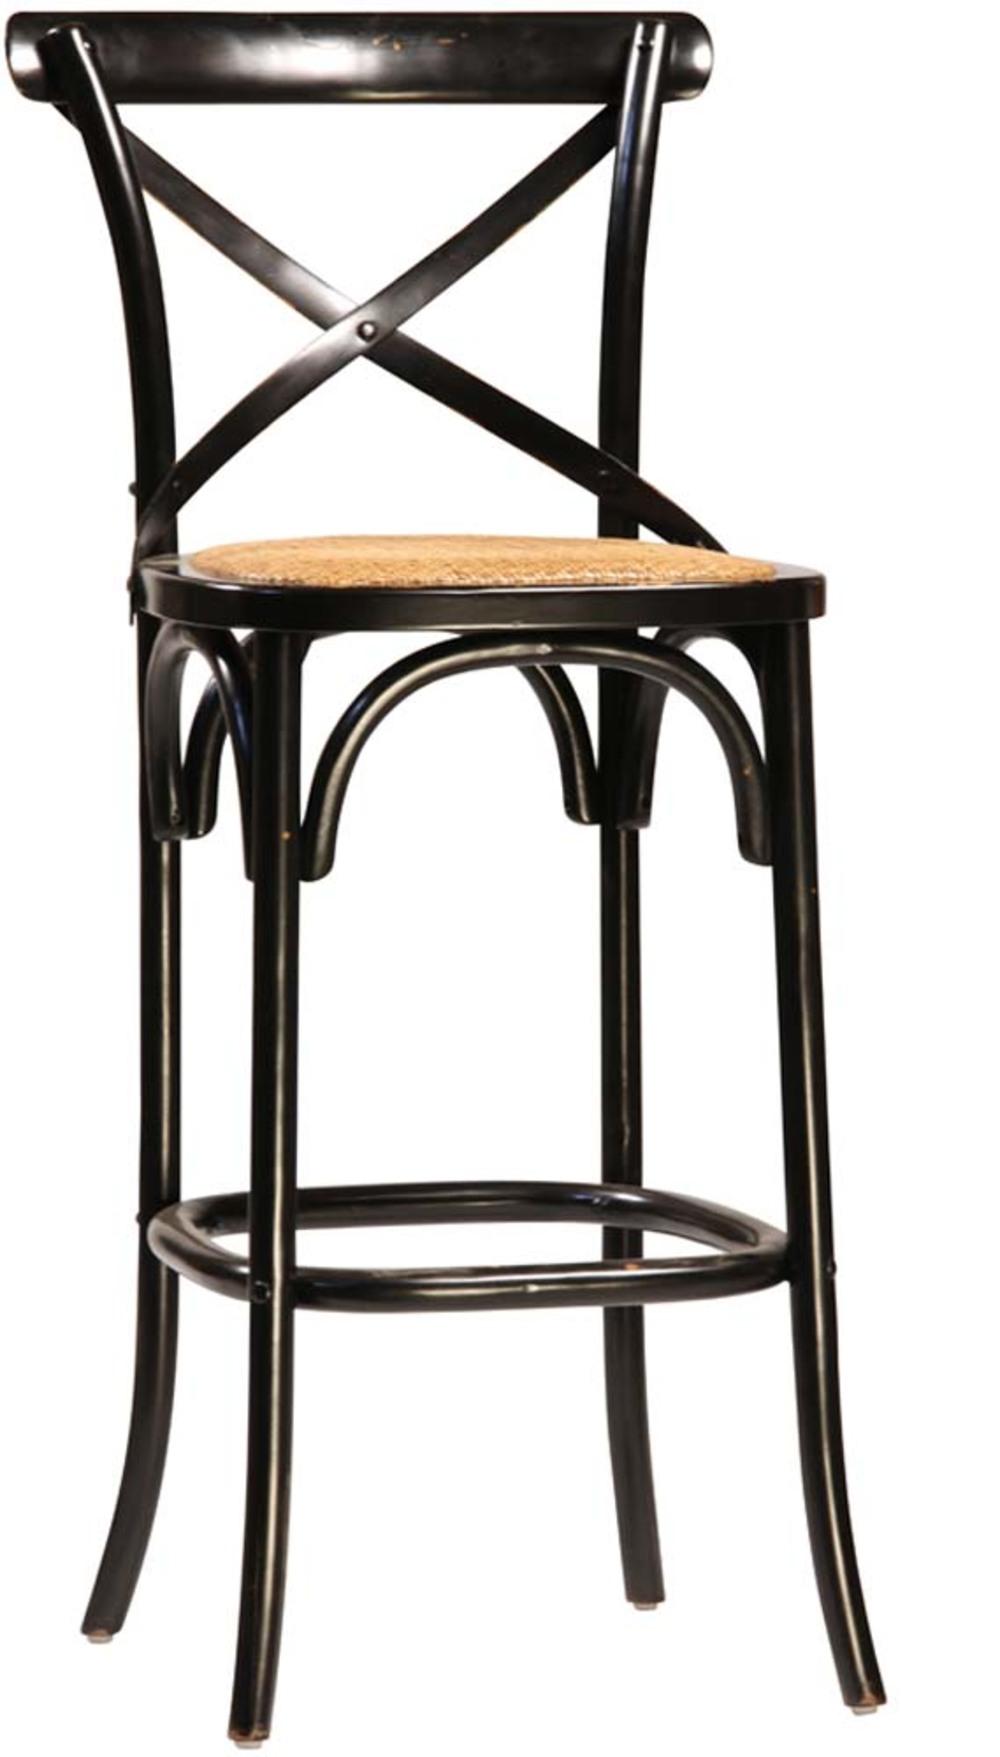 Dovetail Furniture - Gaston Bar Stool